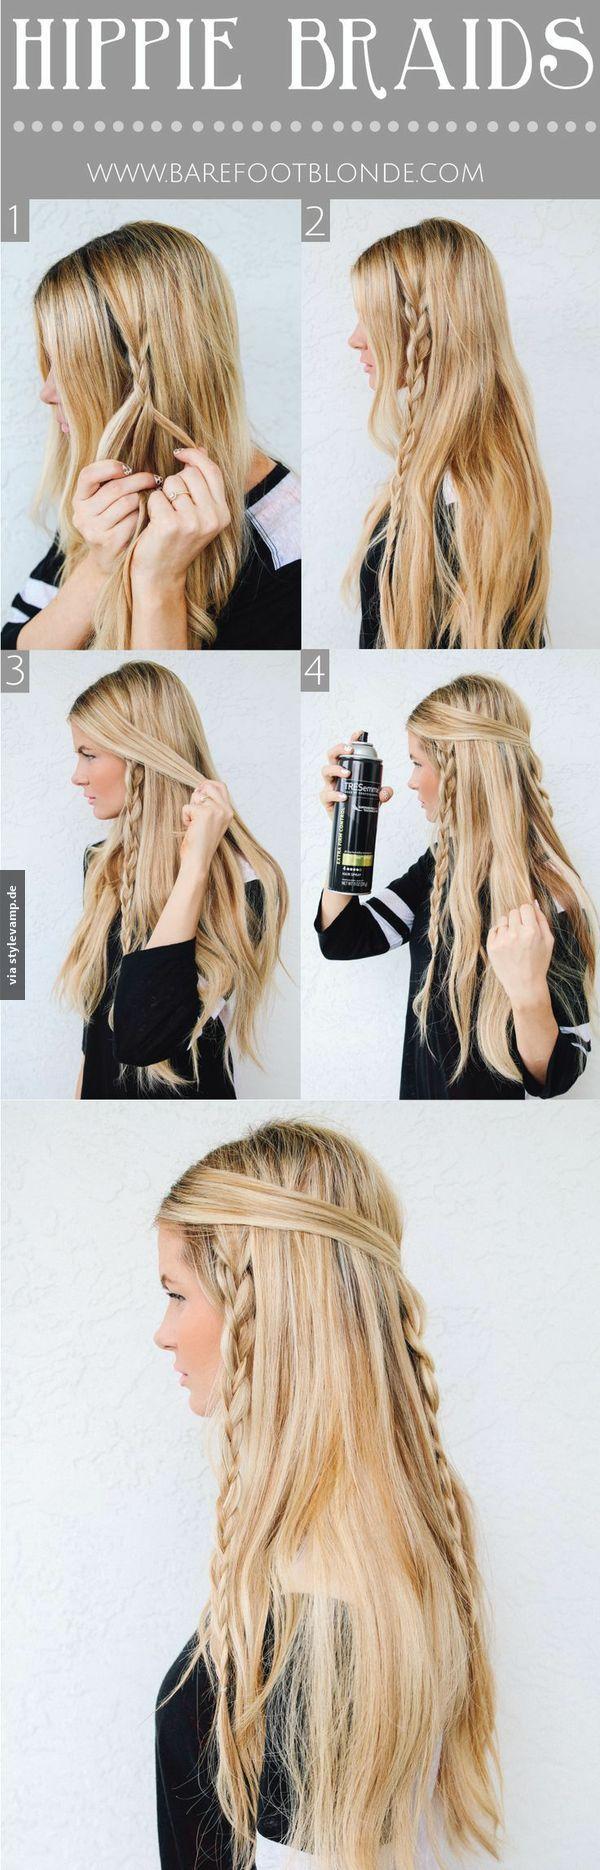 Der Hippie Zopf  Einfach seitlich einen lockeren Zopf flechten. Danach die vorderen Haarpartien darüber legen und hinten zum Zopf zusammen flechten.